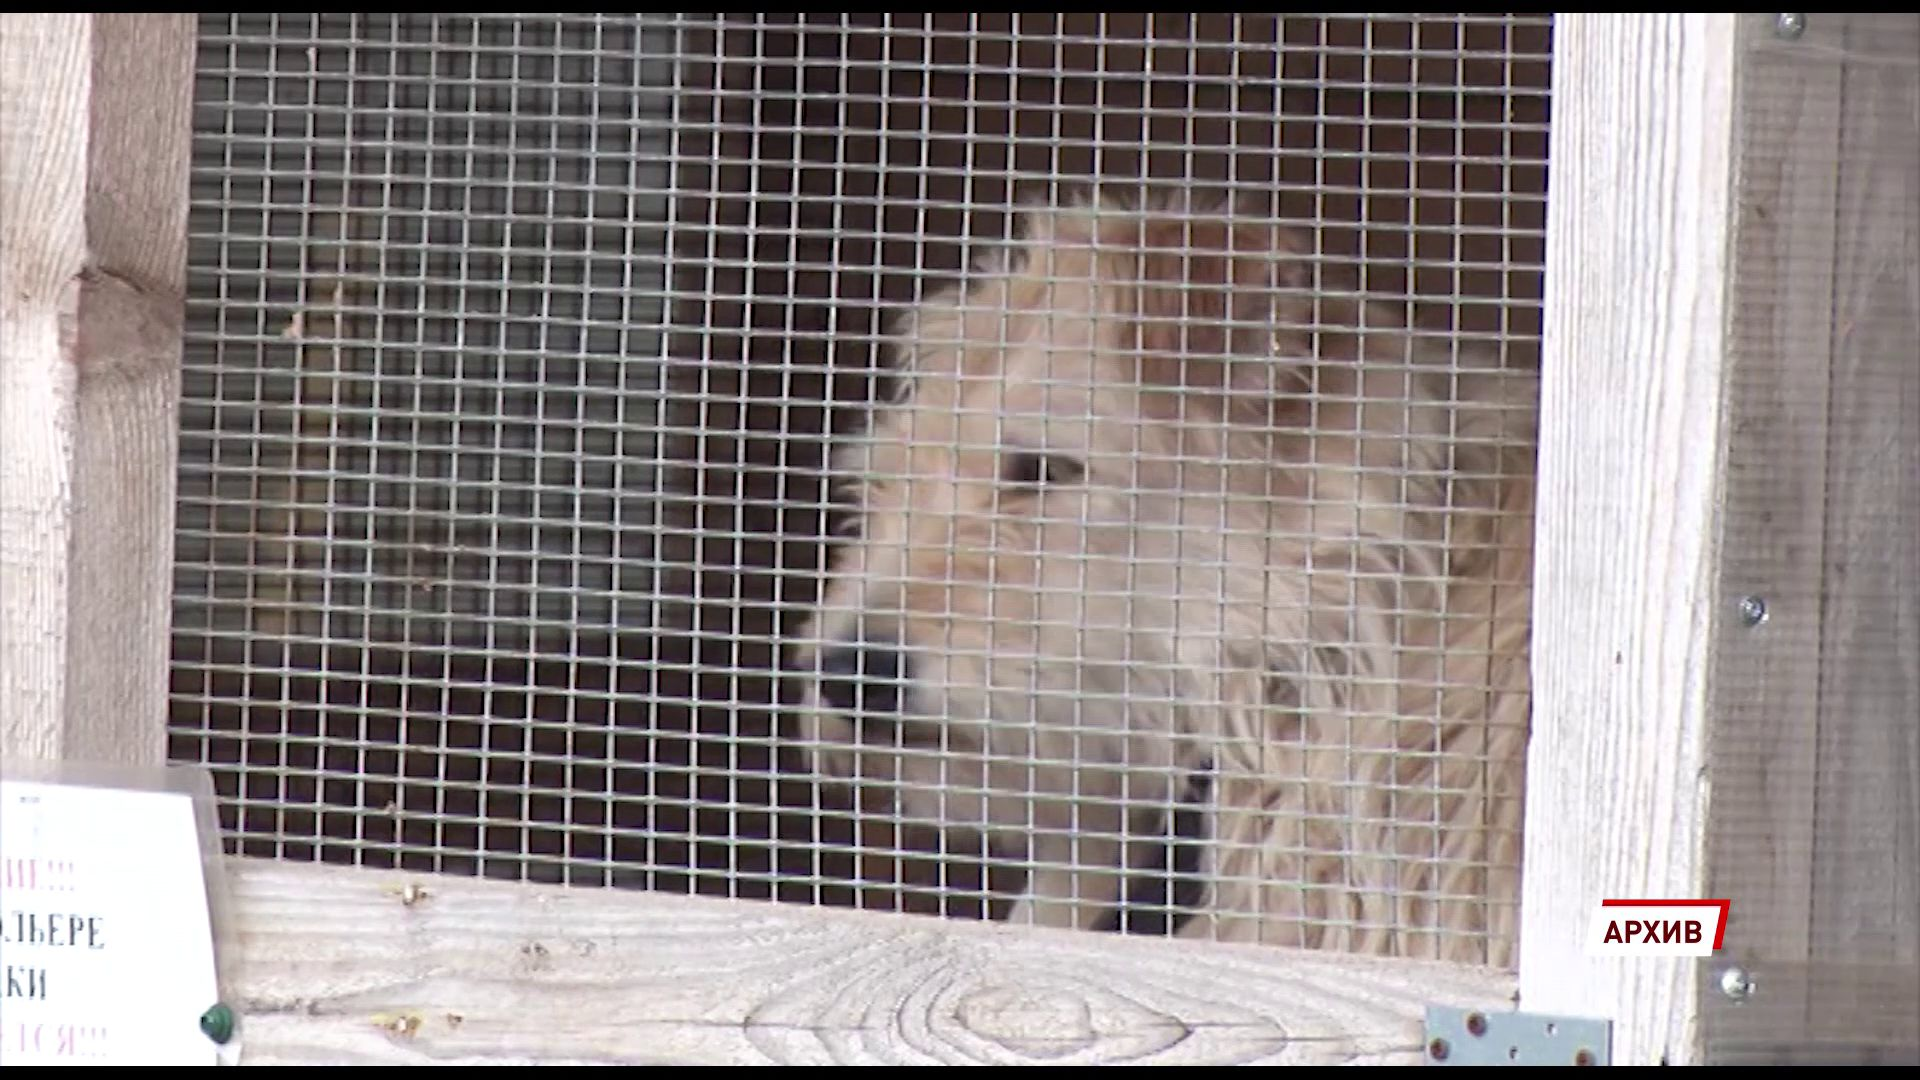 15 августа в ярославском муниципальном приюте для собак пройдет день открытых дверей